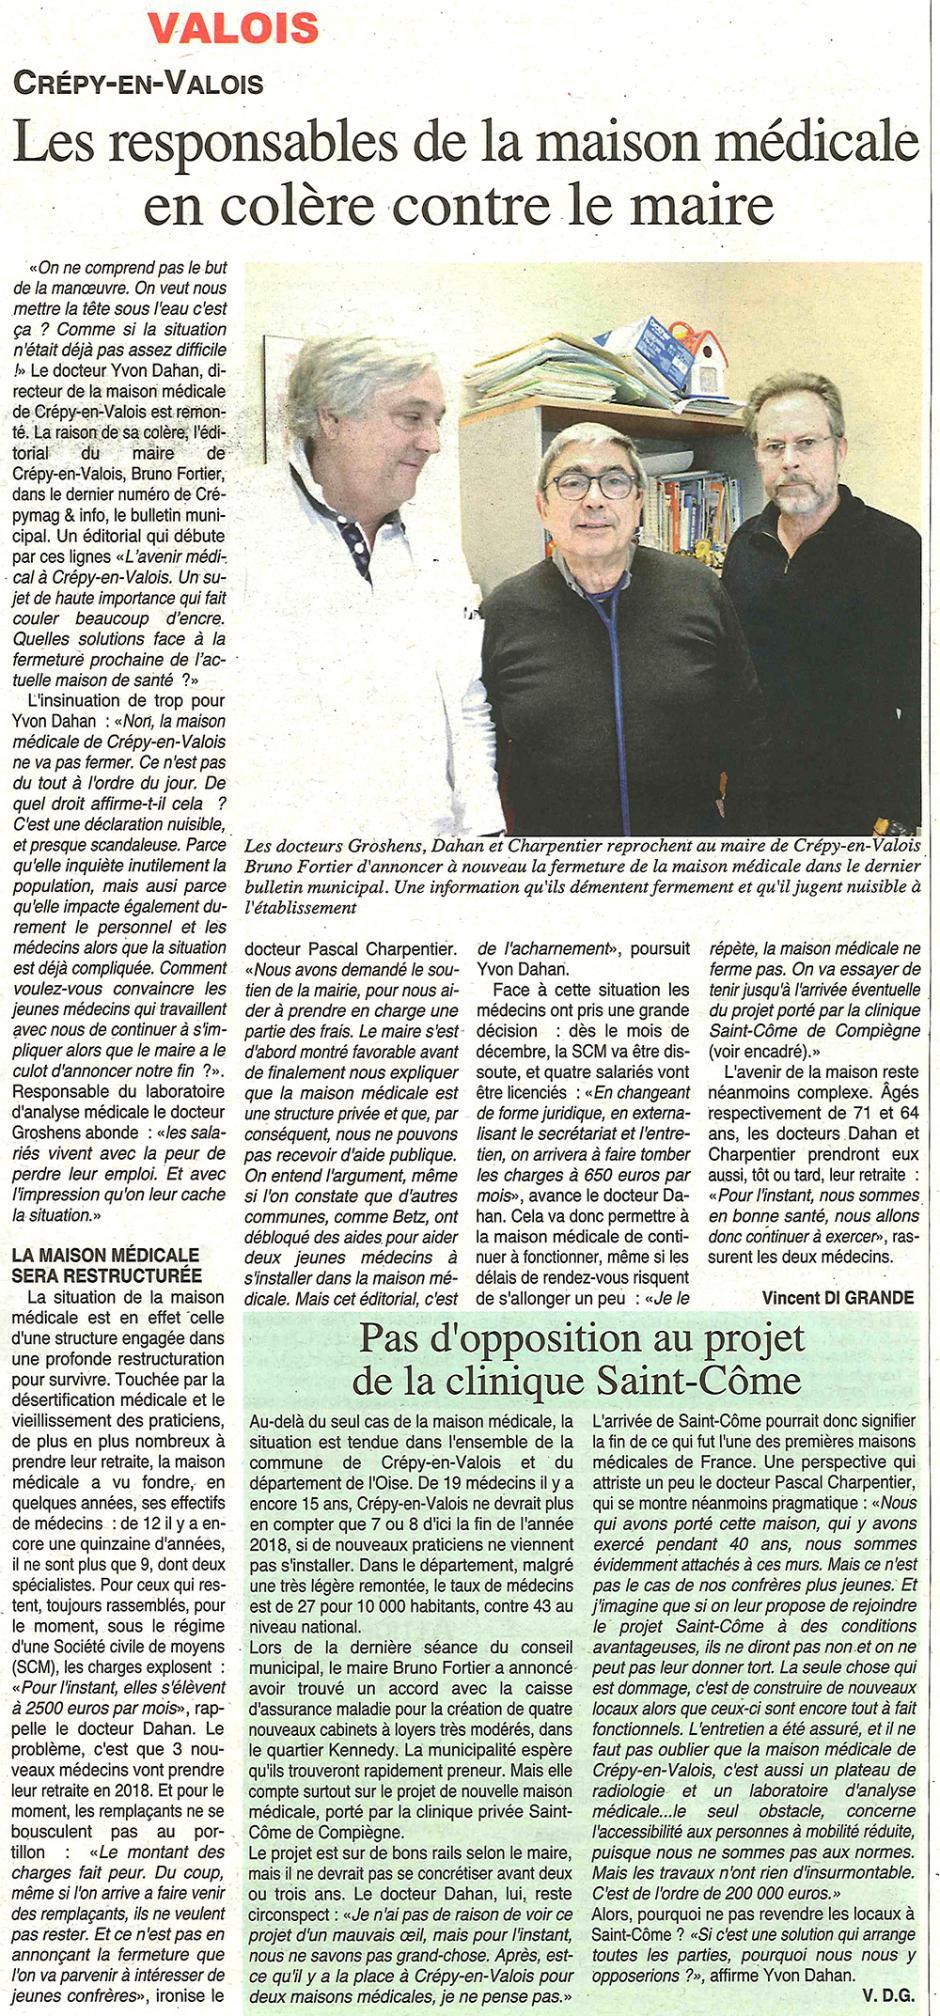 20171115-OH-Crépy-en-Valois-Les responsables de la maison médicale en colère contre le maire